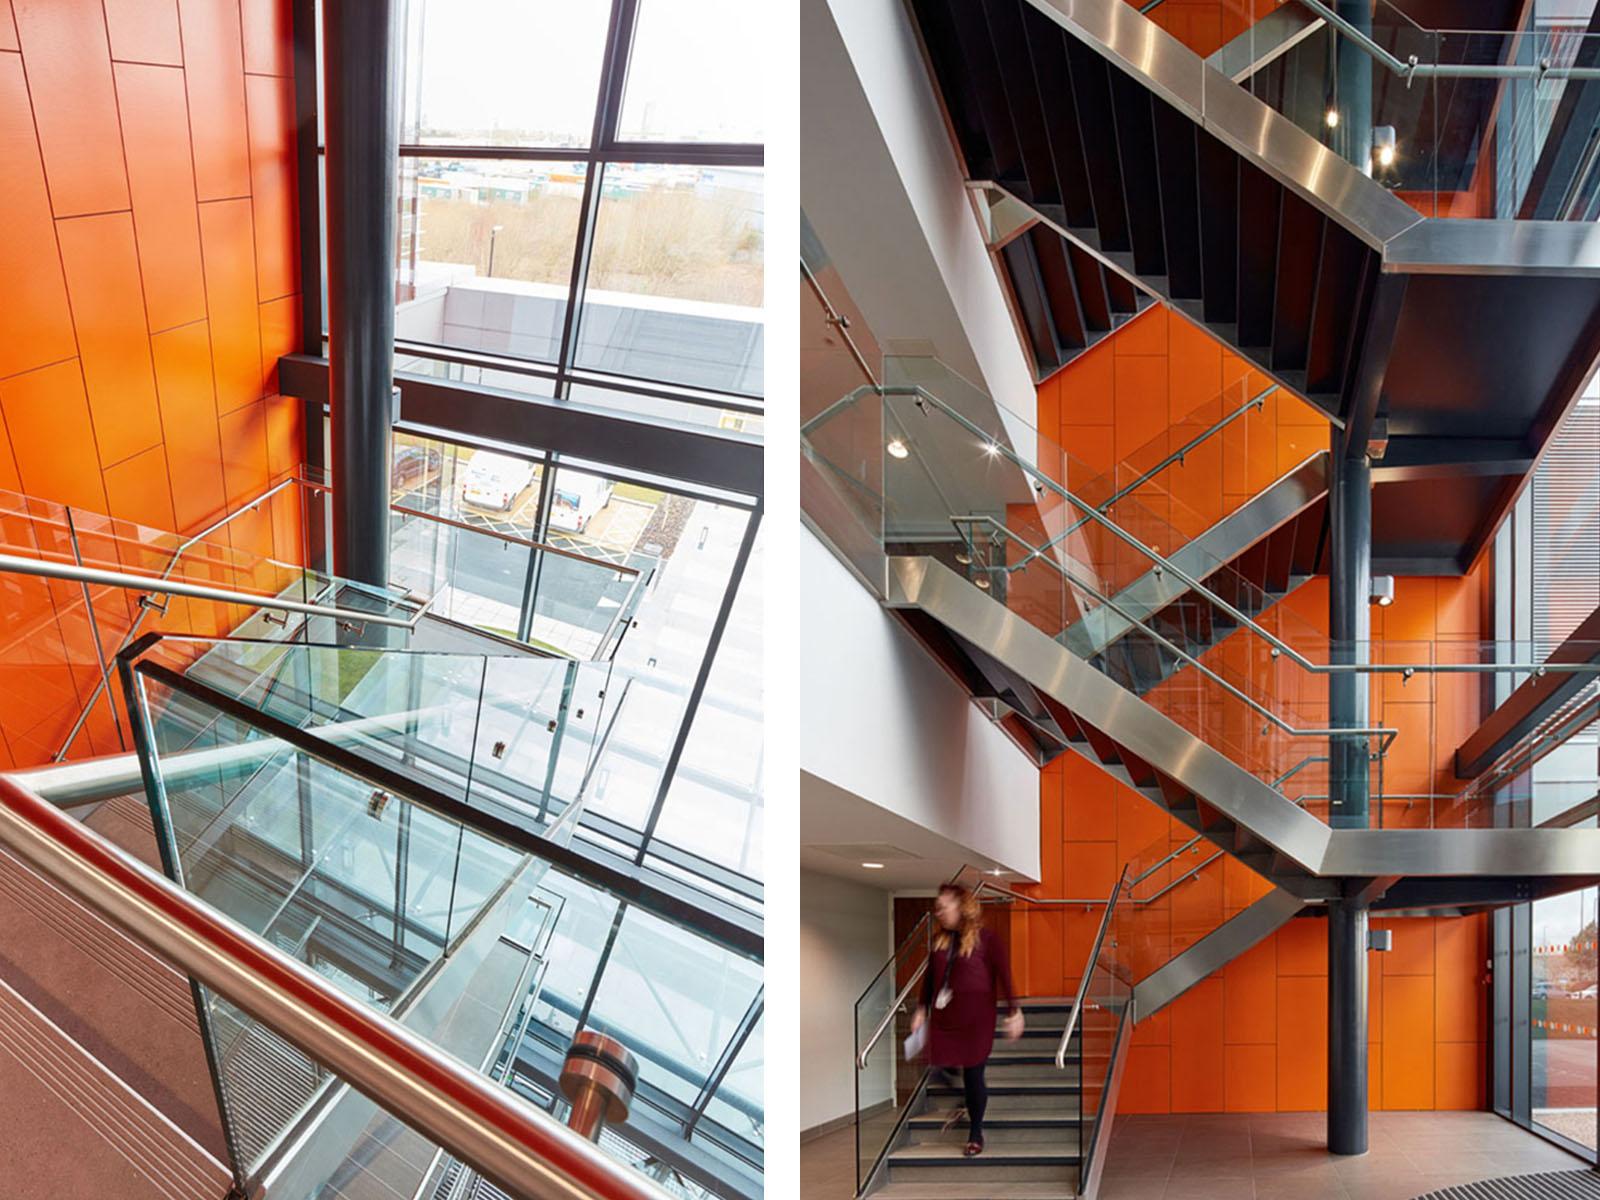 fch_tower_wharf_staircase